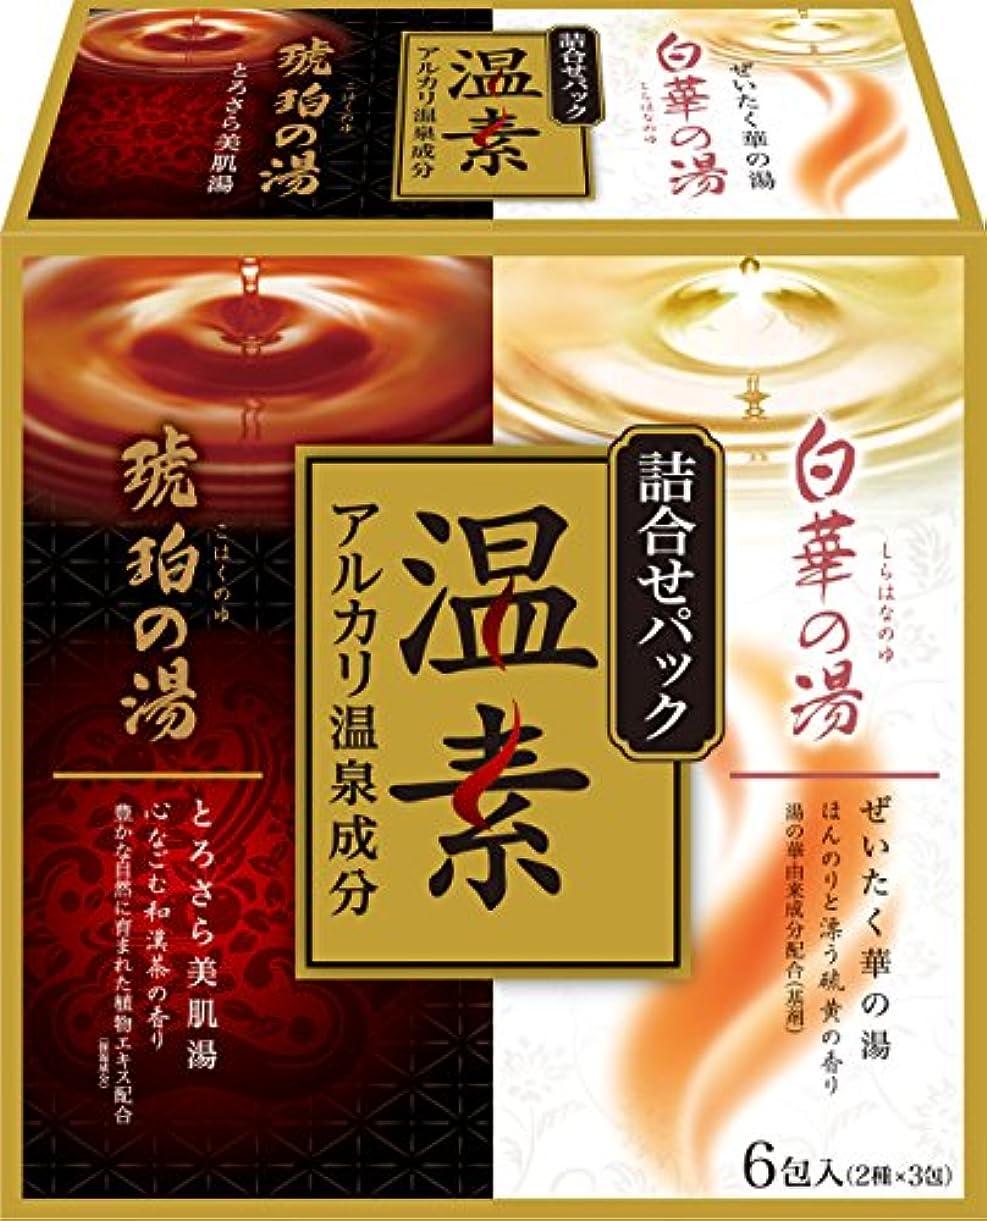 帳面極端な復活アース製薬 温素 琥珀の湯&白華の湯 詰合せパック 6包(各3包)